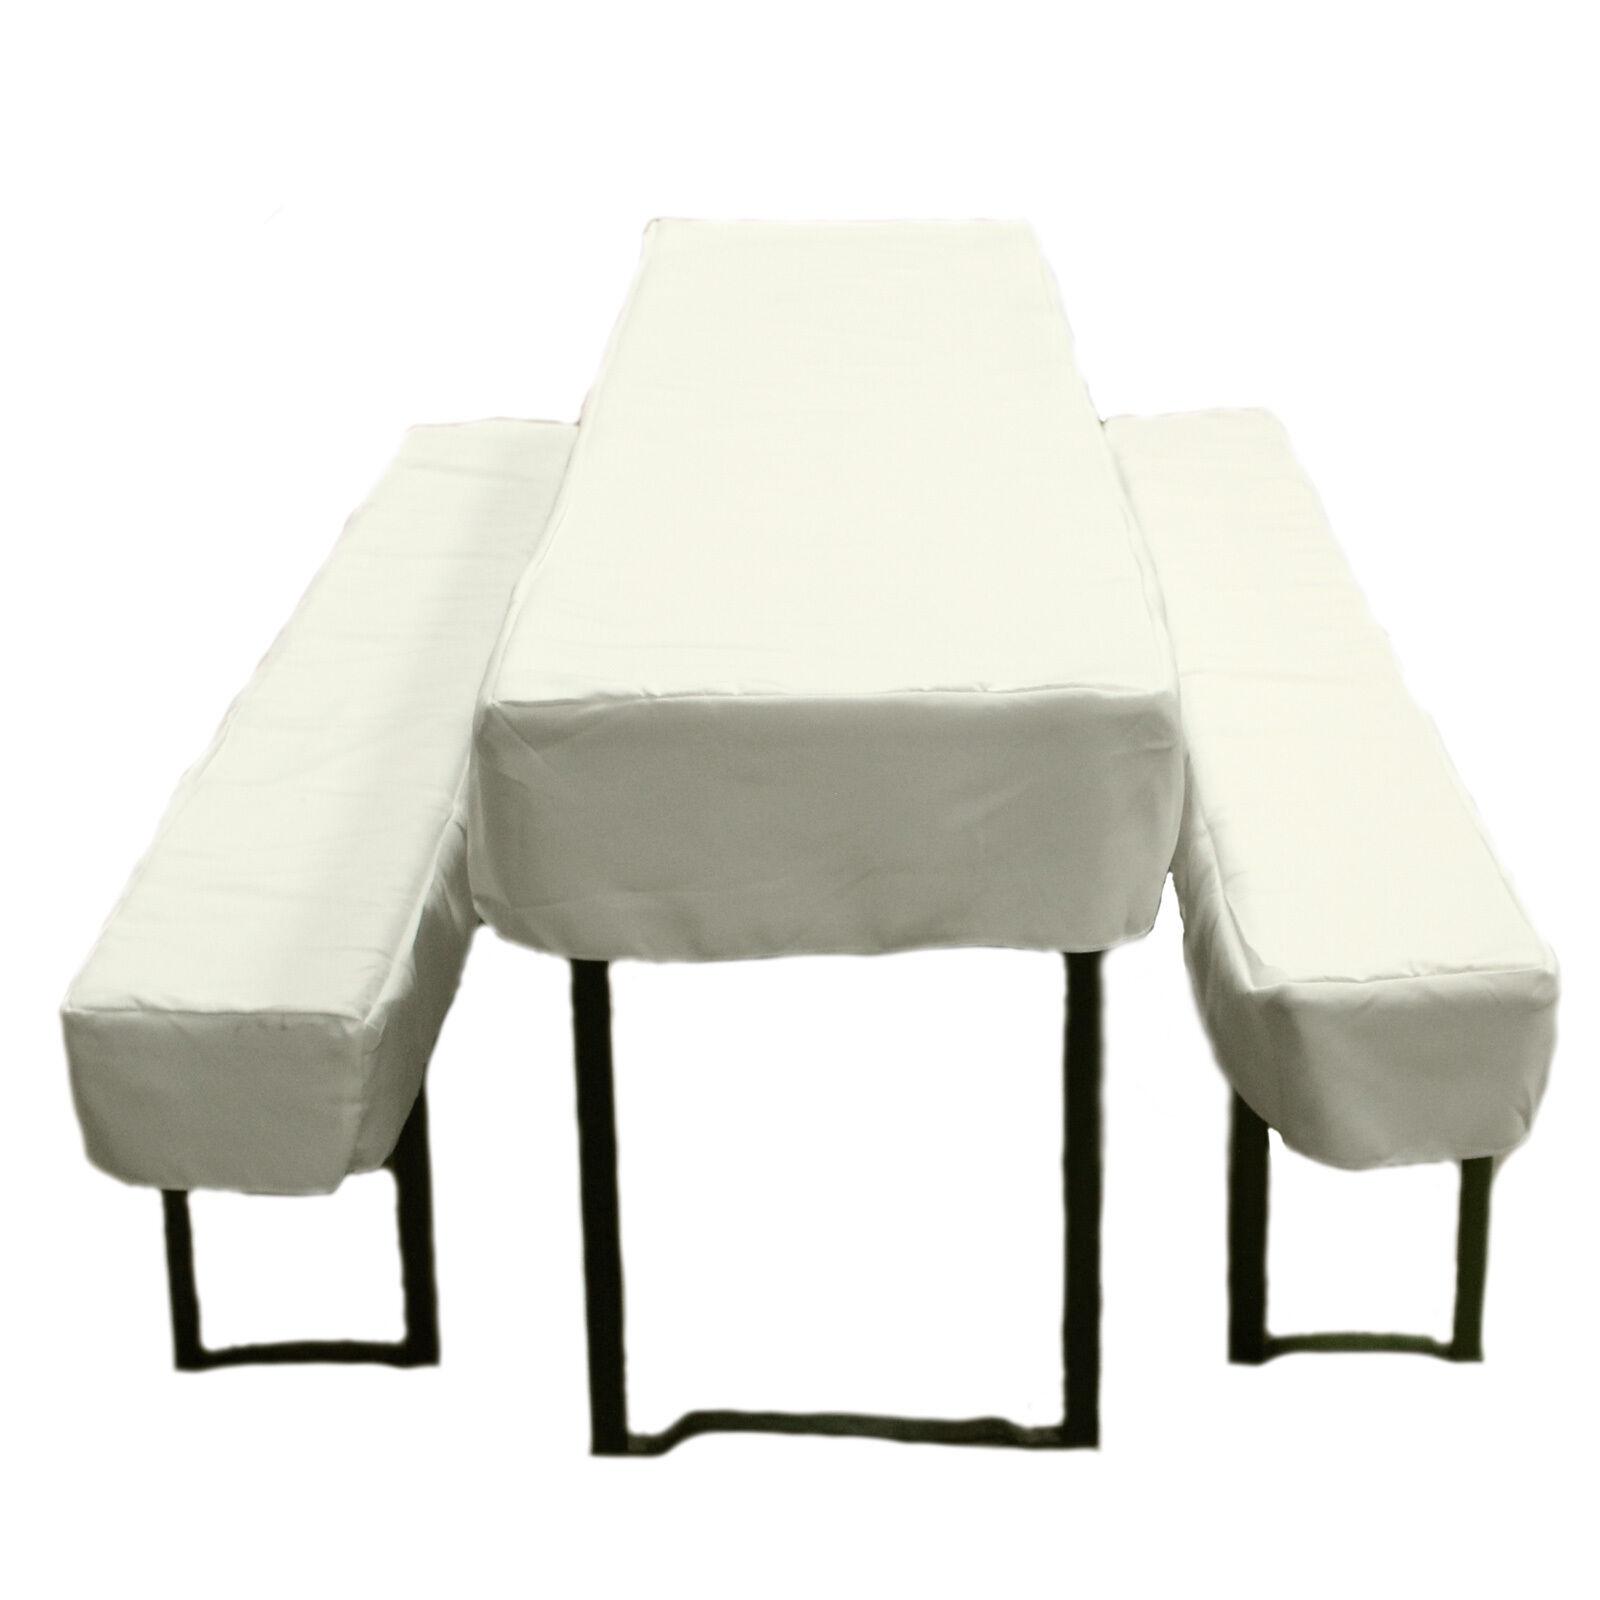 biertischhusse 3tlg set aus polyester bierzeltgarnitur tischdecke biertische ebay. Black Bedroom Furniture Sets. Home Design Ideas